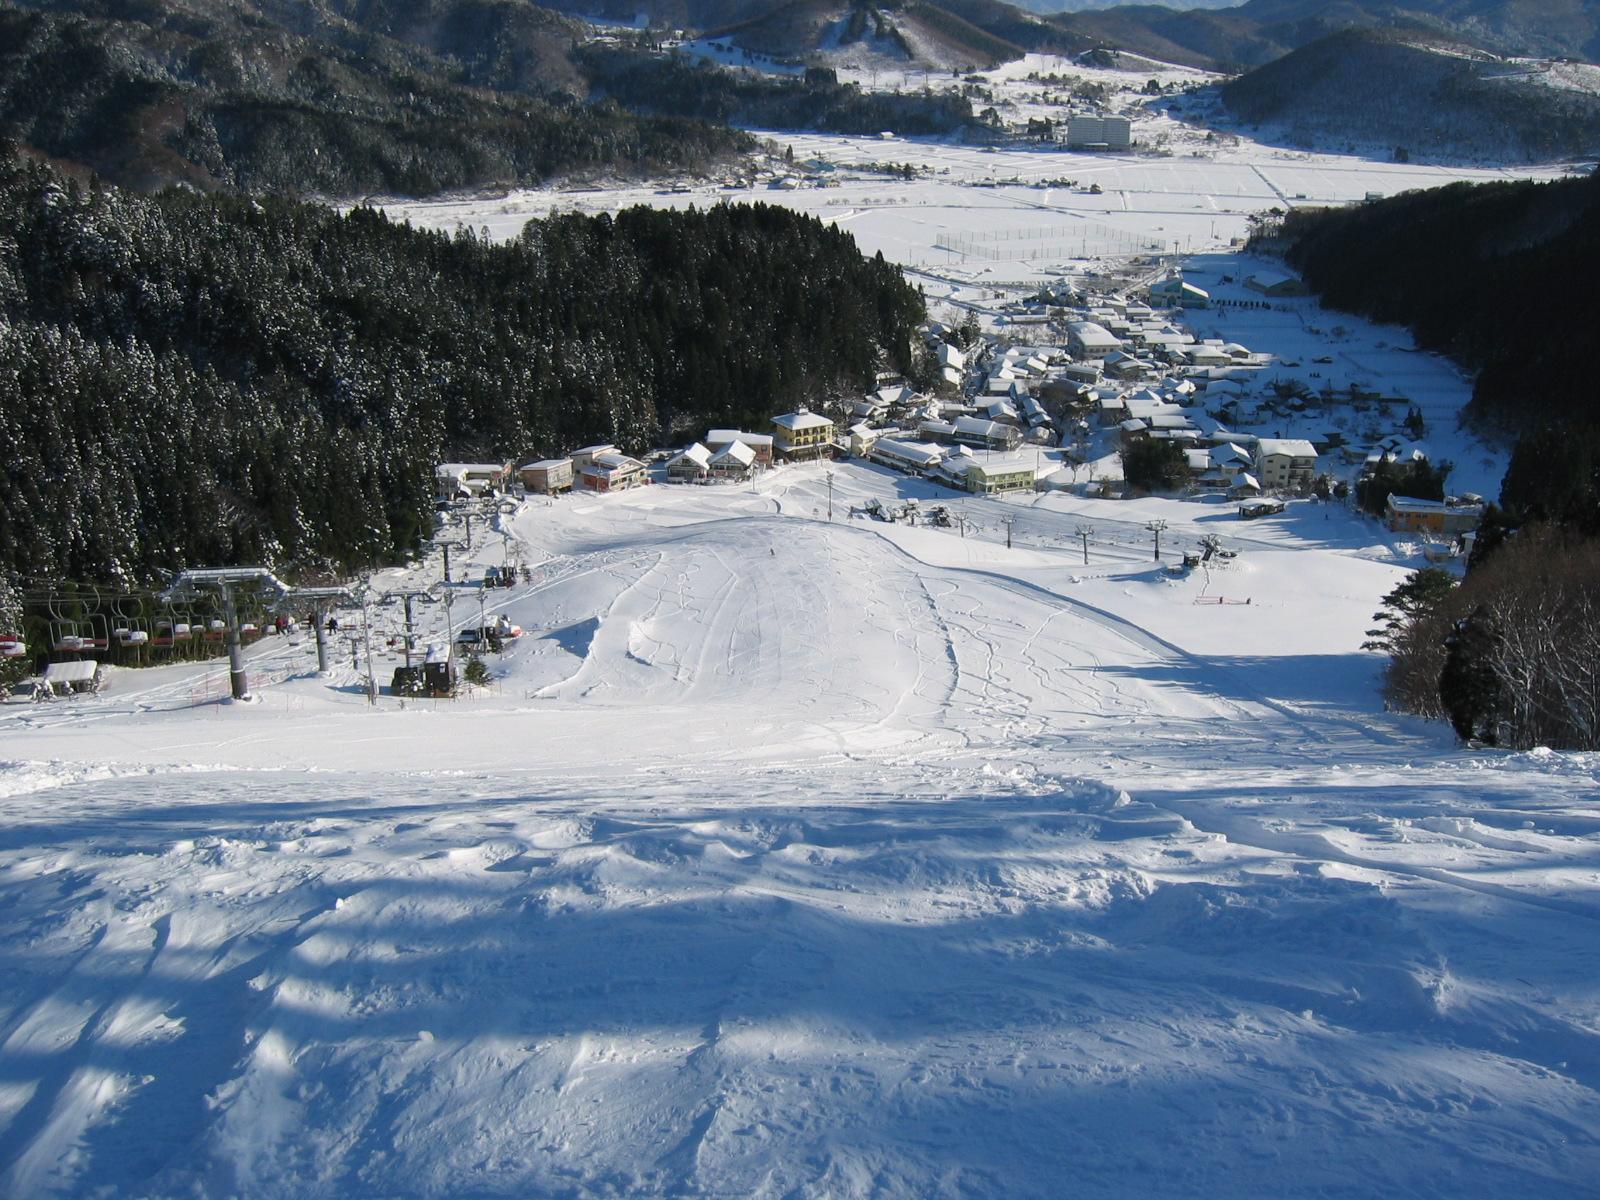 The Snow Park Okukannabe